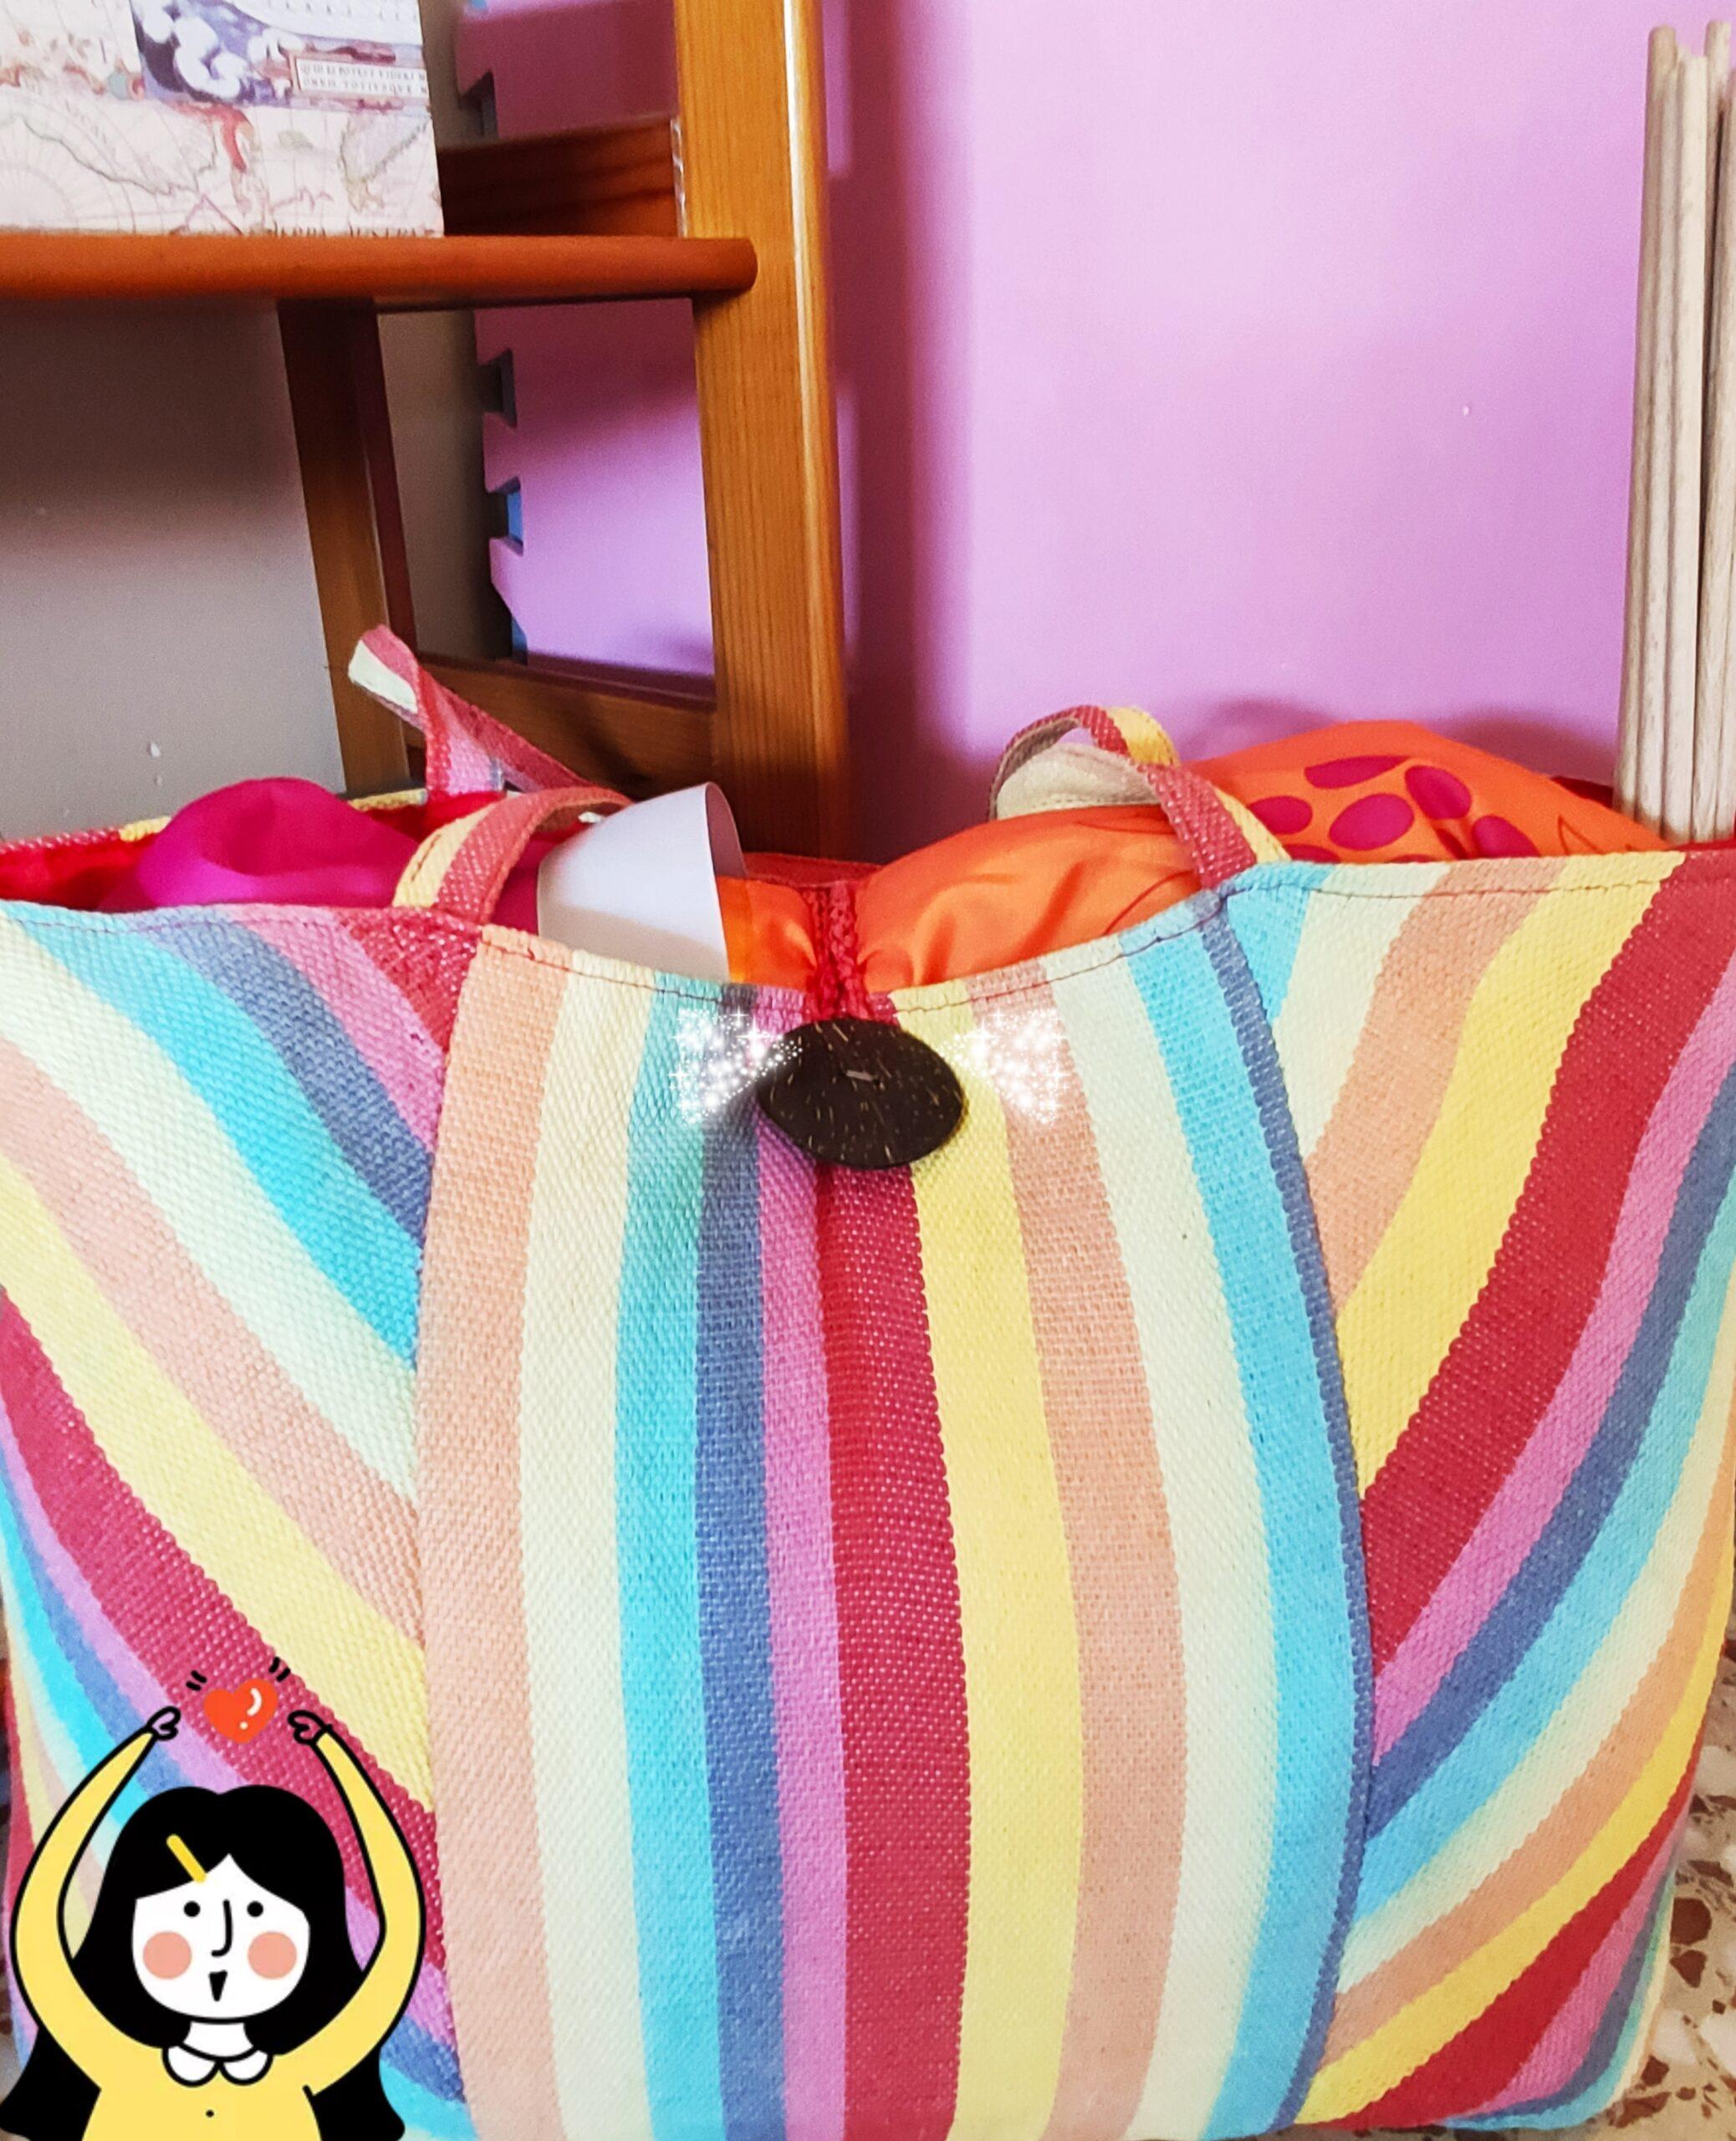 bolsa-colores-autoescucha-coser